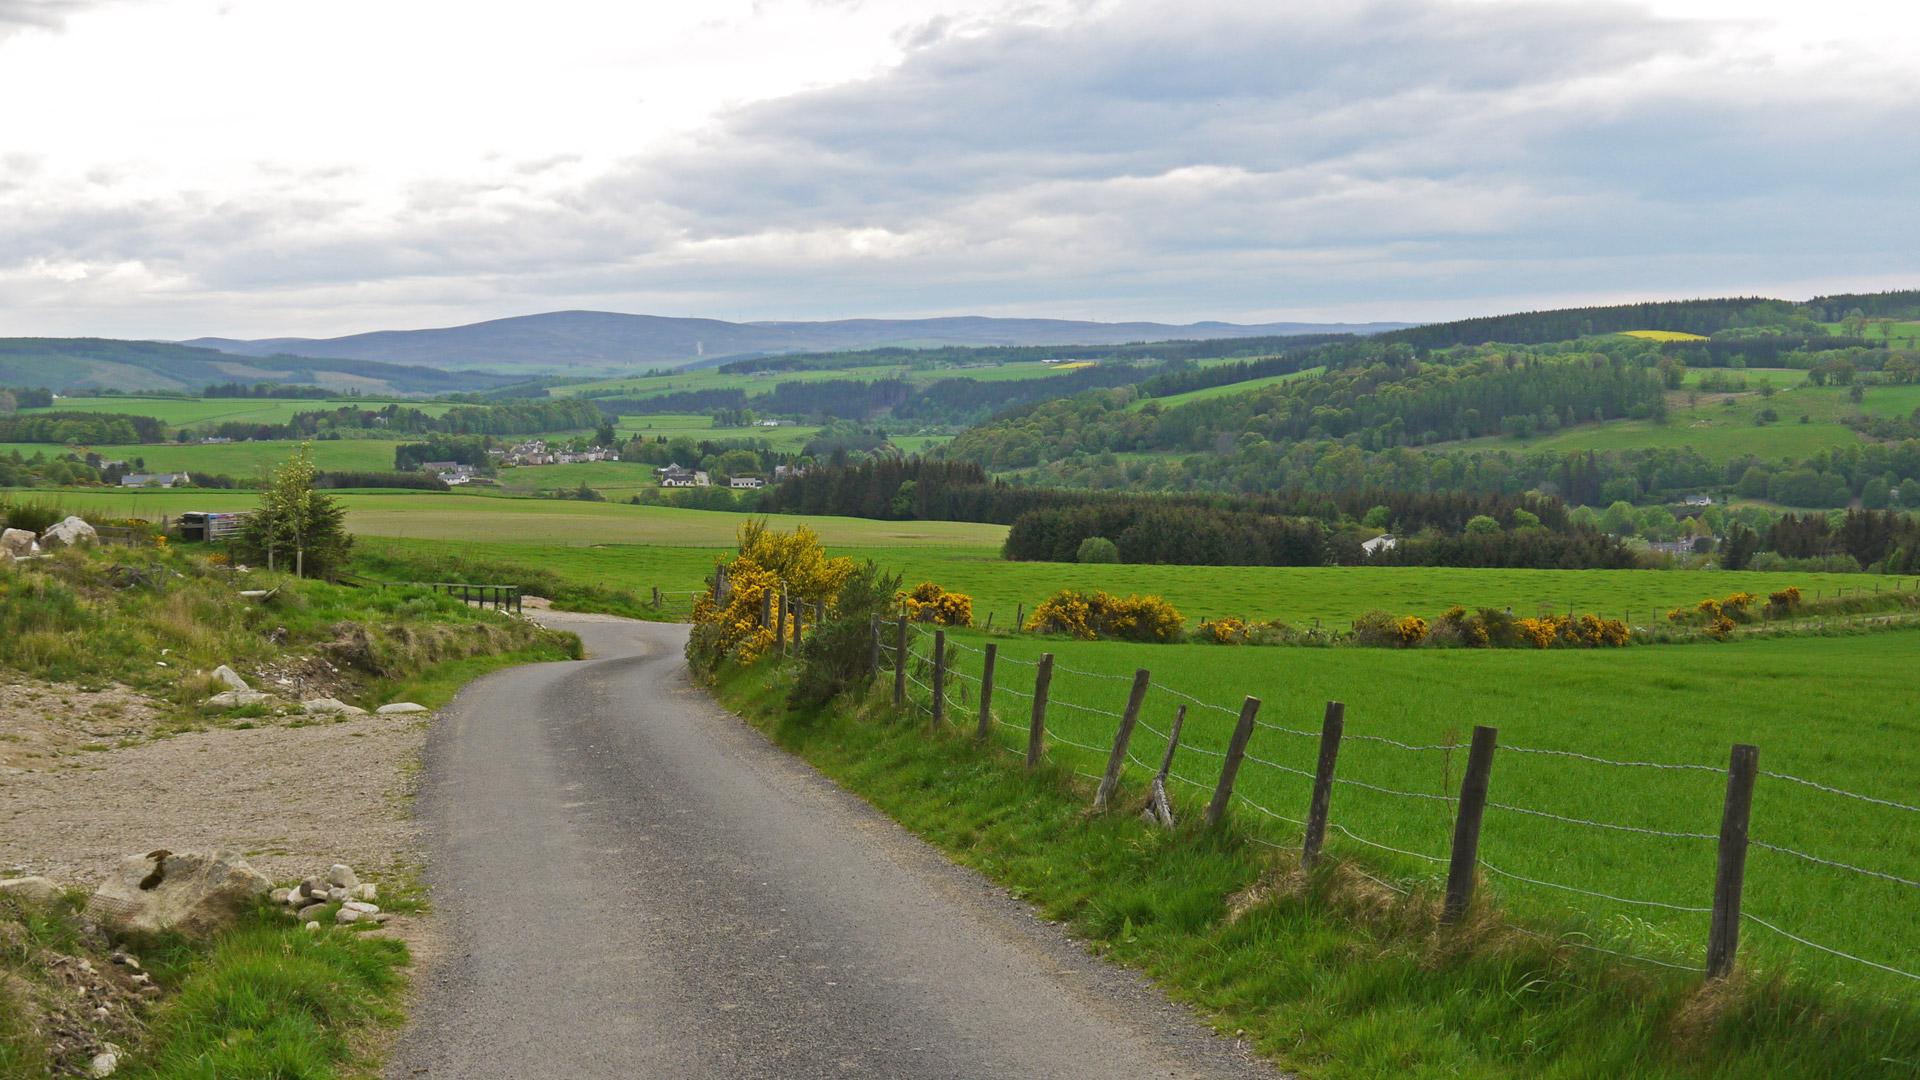 Grüne saftige Wiesen und sanfte Hügel: Das ist die Landschaft der wunderschönen Speyside. (Foto: Malt Whisky)